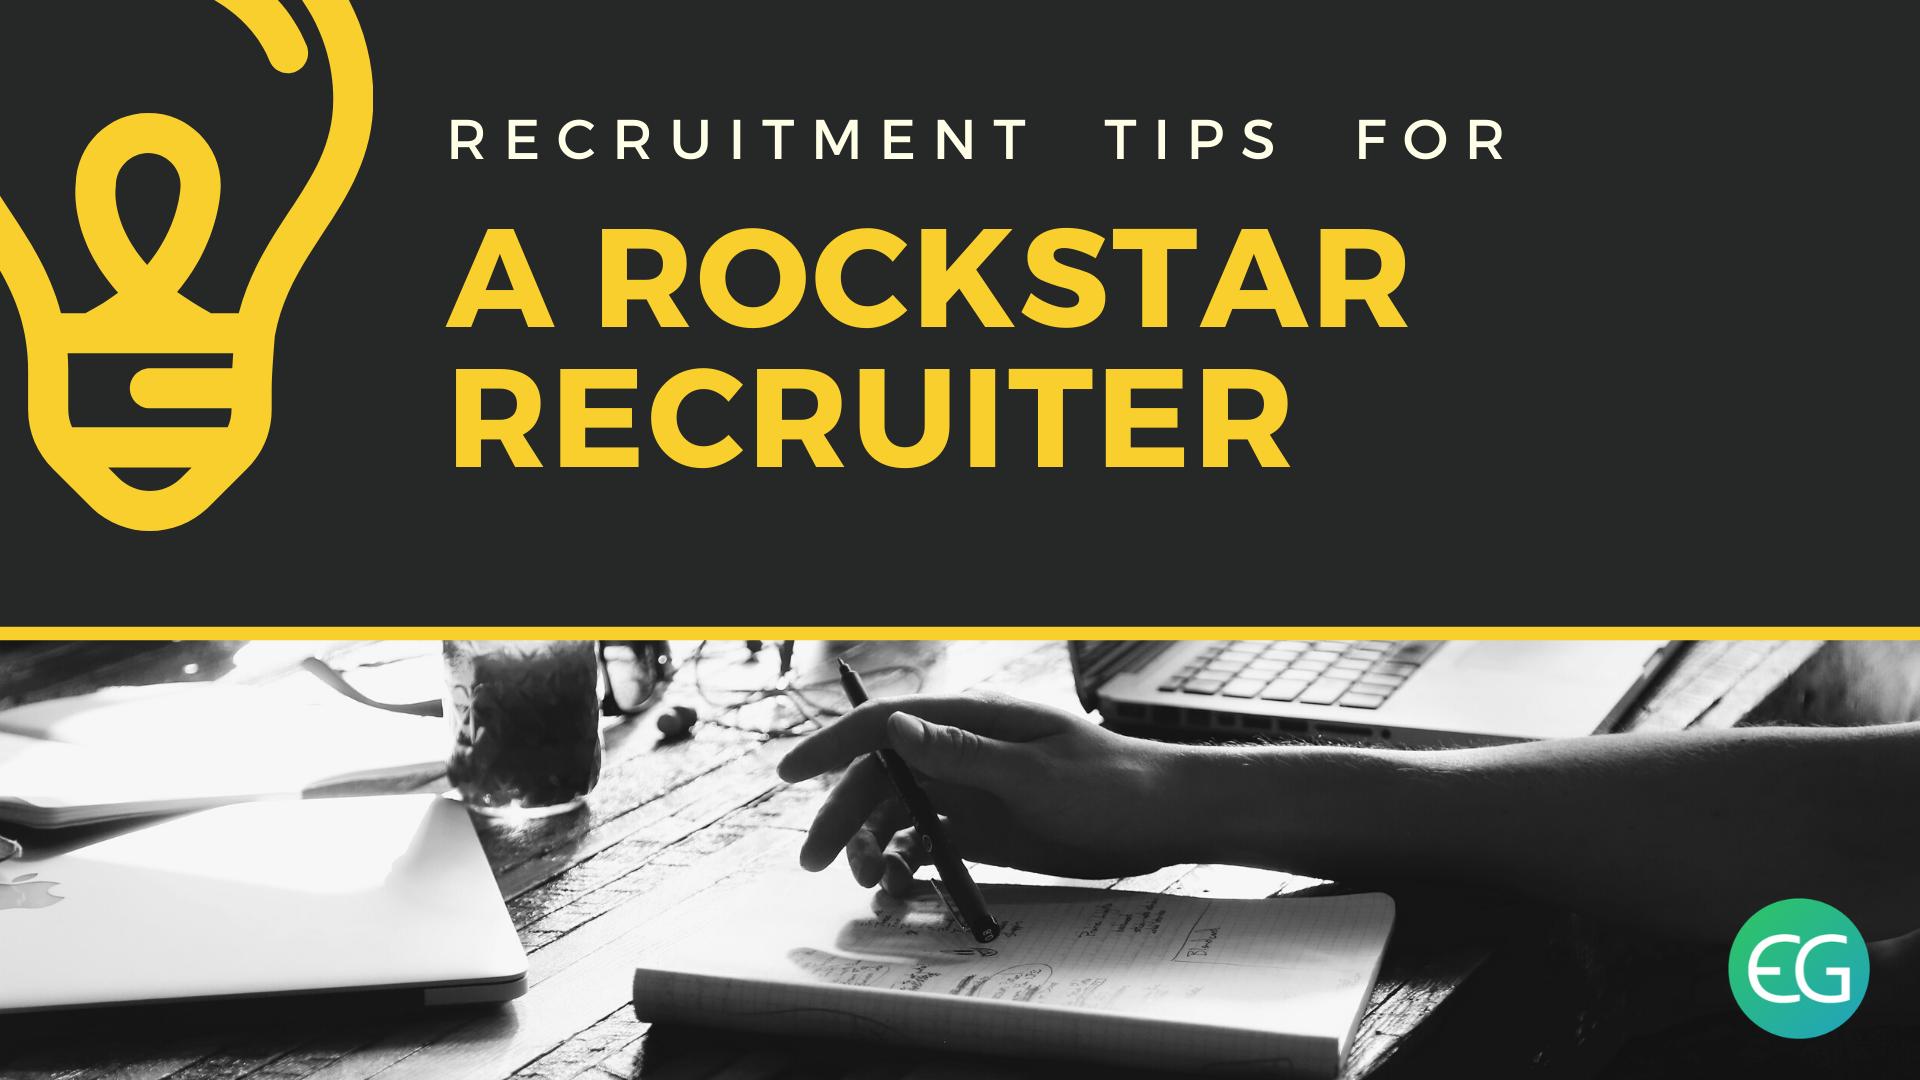 Recruitment tips for Recruiter